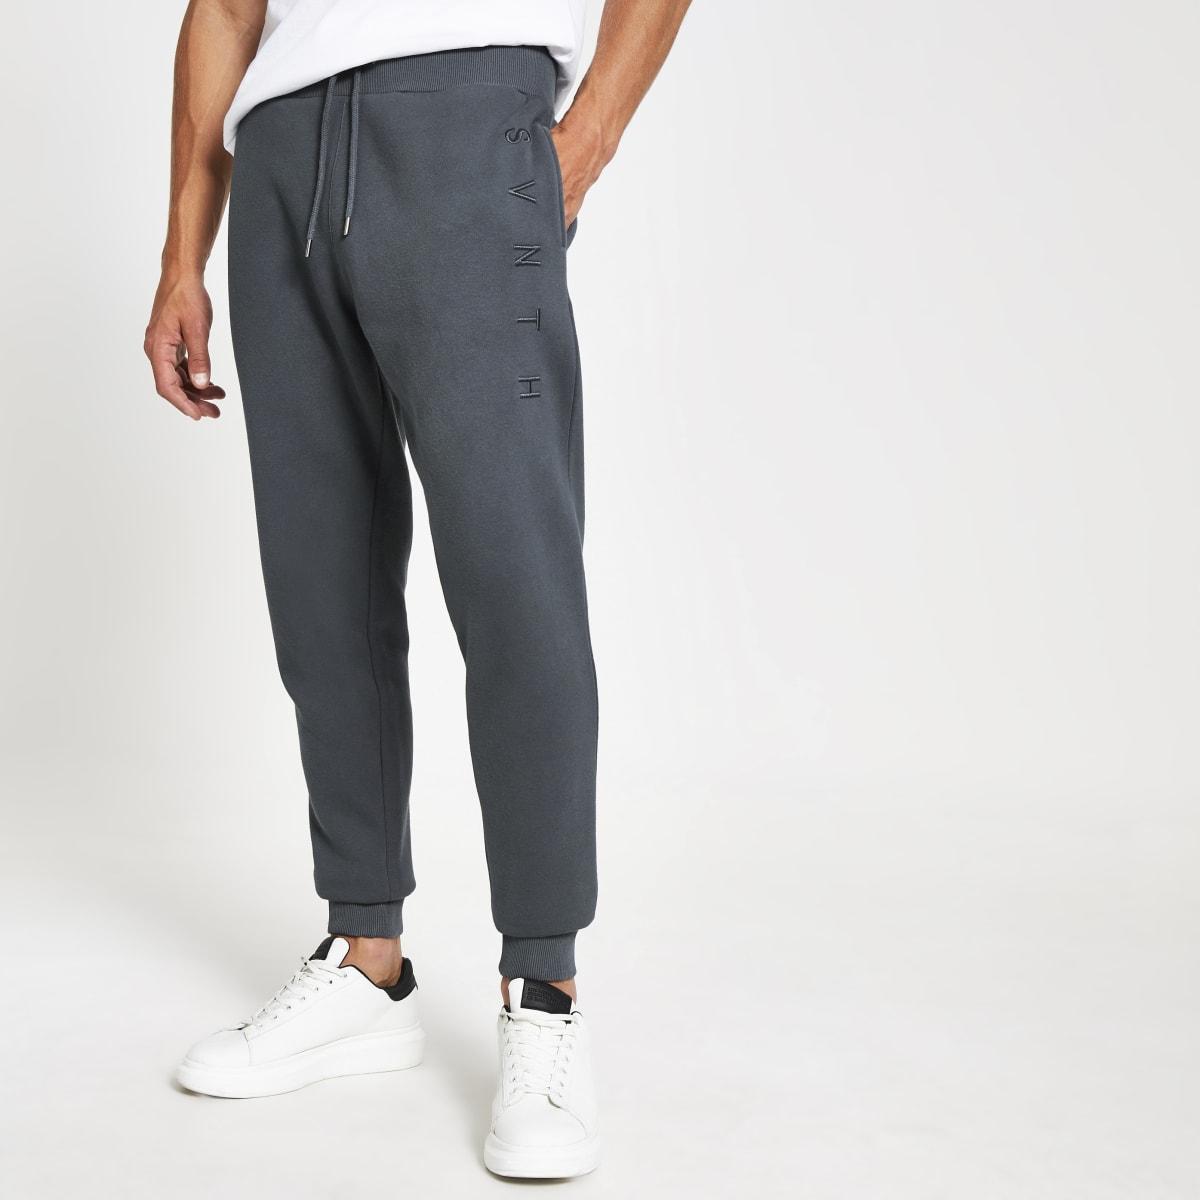 Pantalons de jogging bleu foncé à broderie Svnth